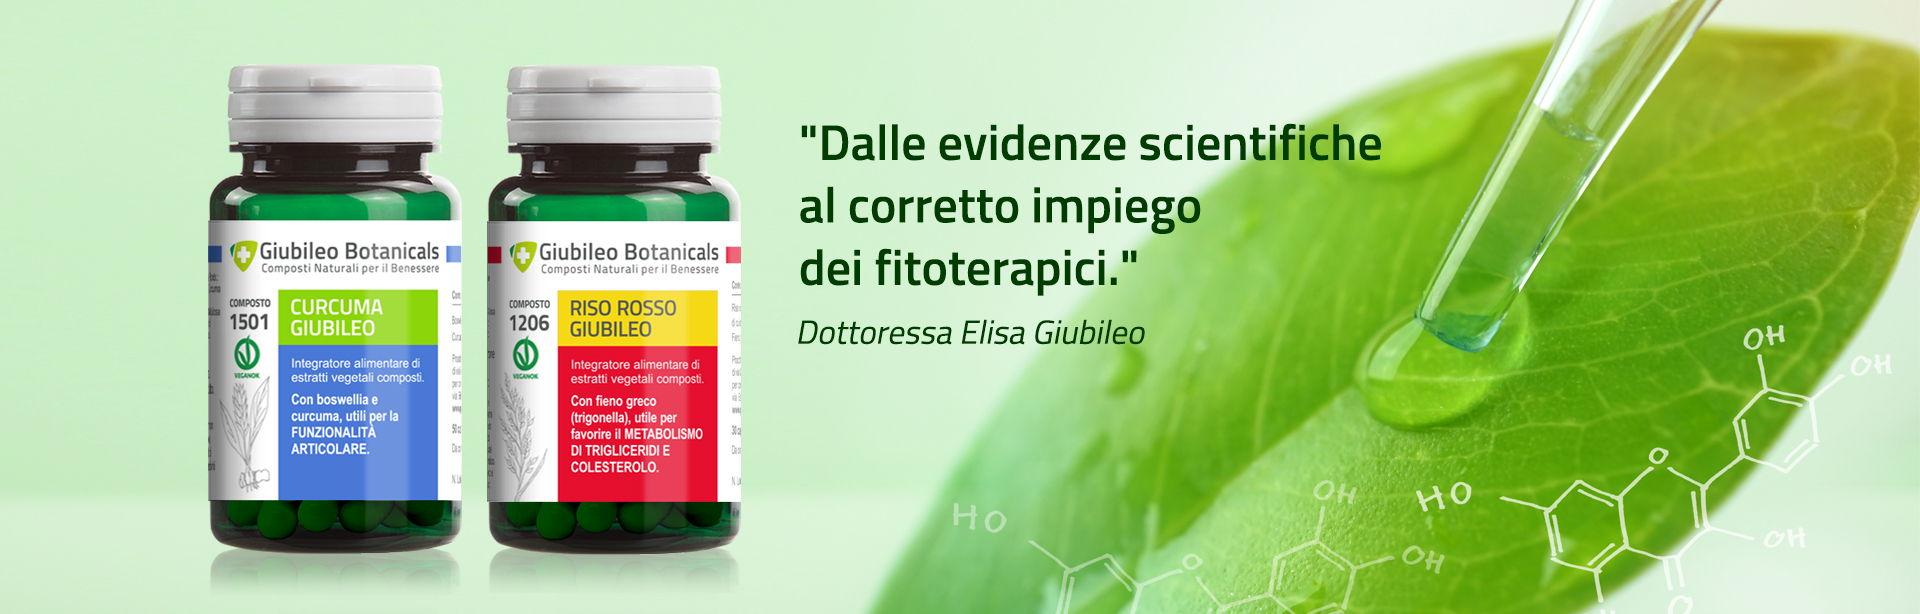 Giubileo Botanicals, integratori naturali per il benessere di corpo e mente